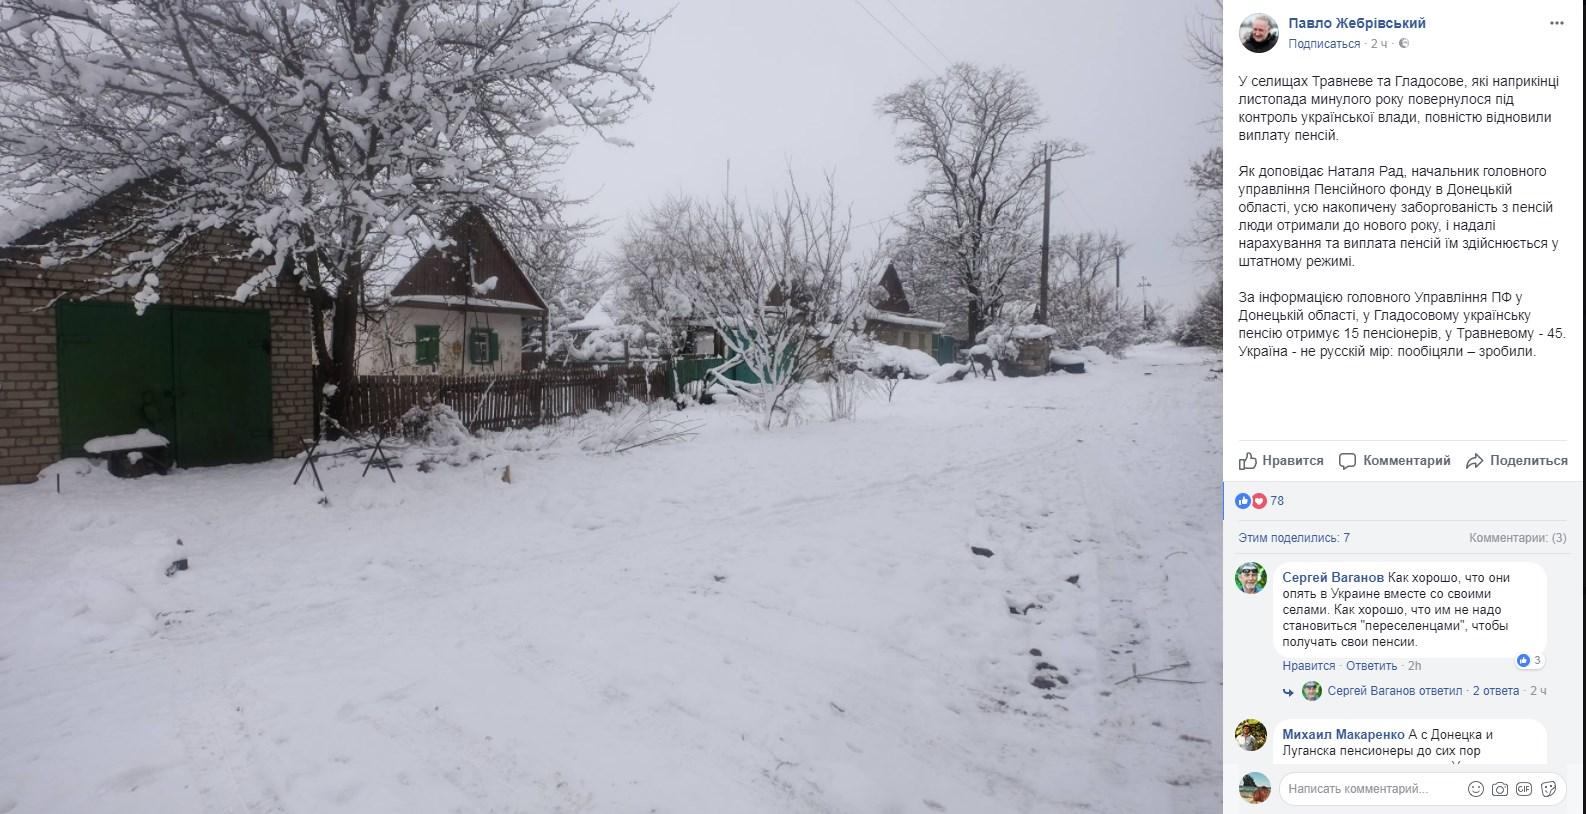 Украина возобновила выплату пенсий в внедалеком прошлом взятых под контроль ВСУ поселках